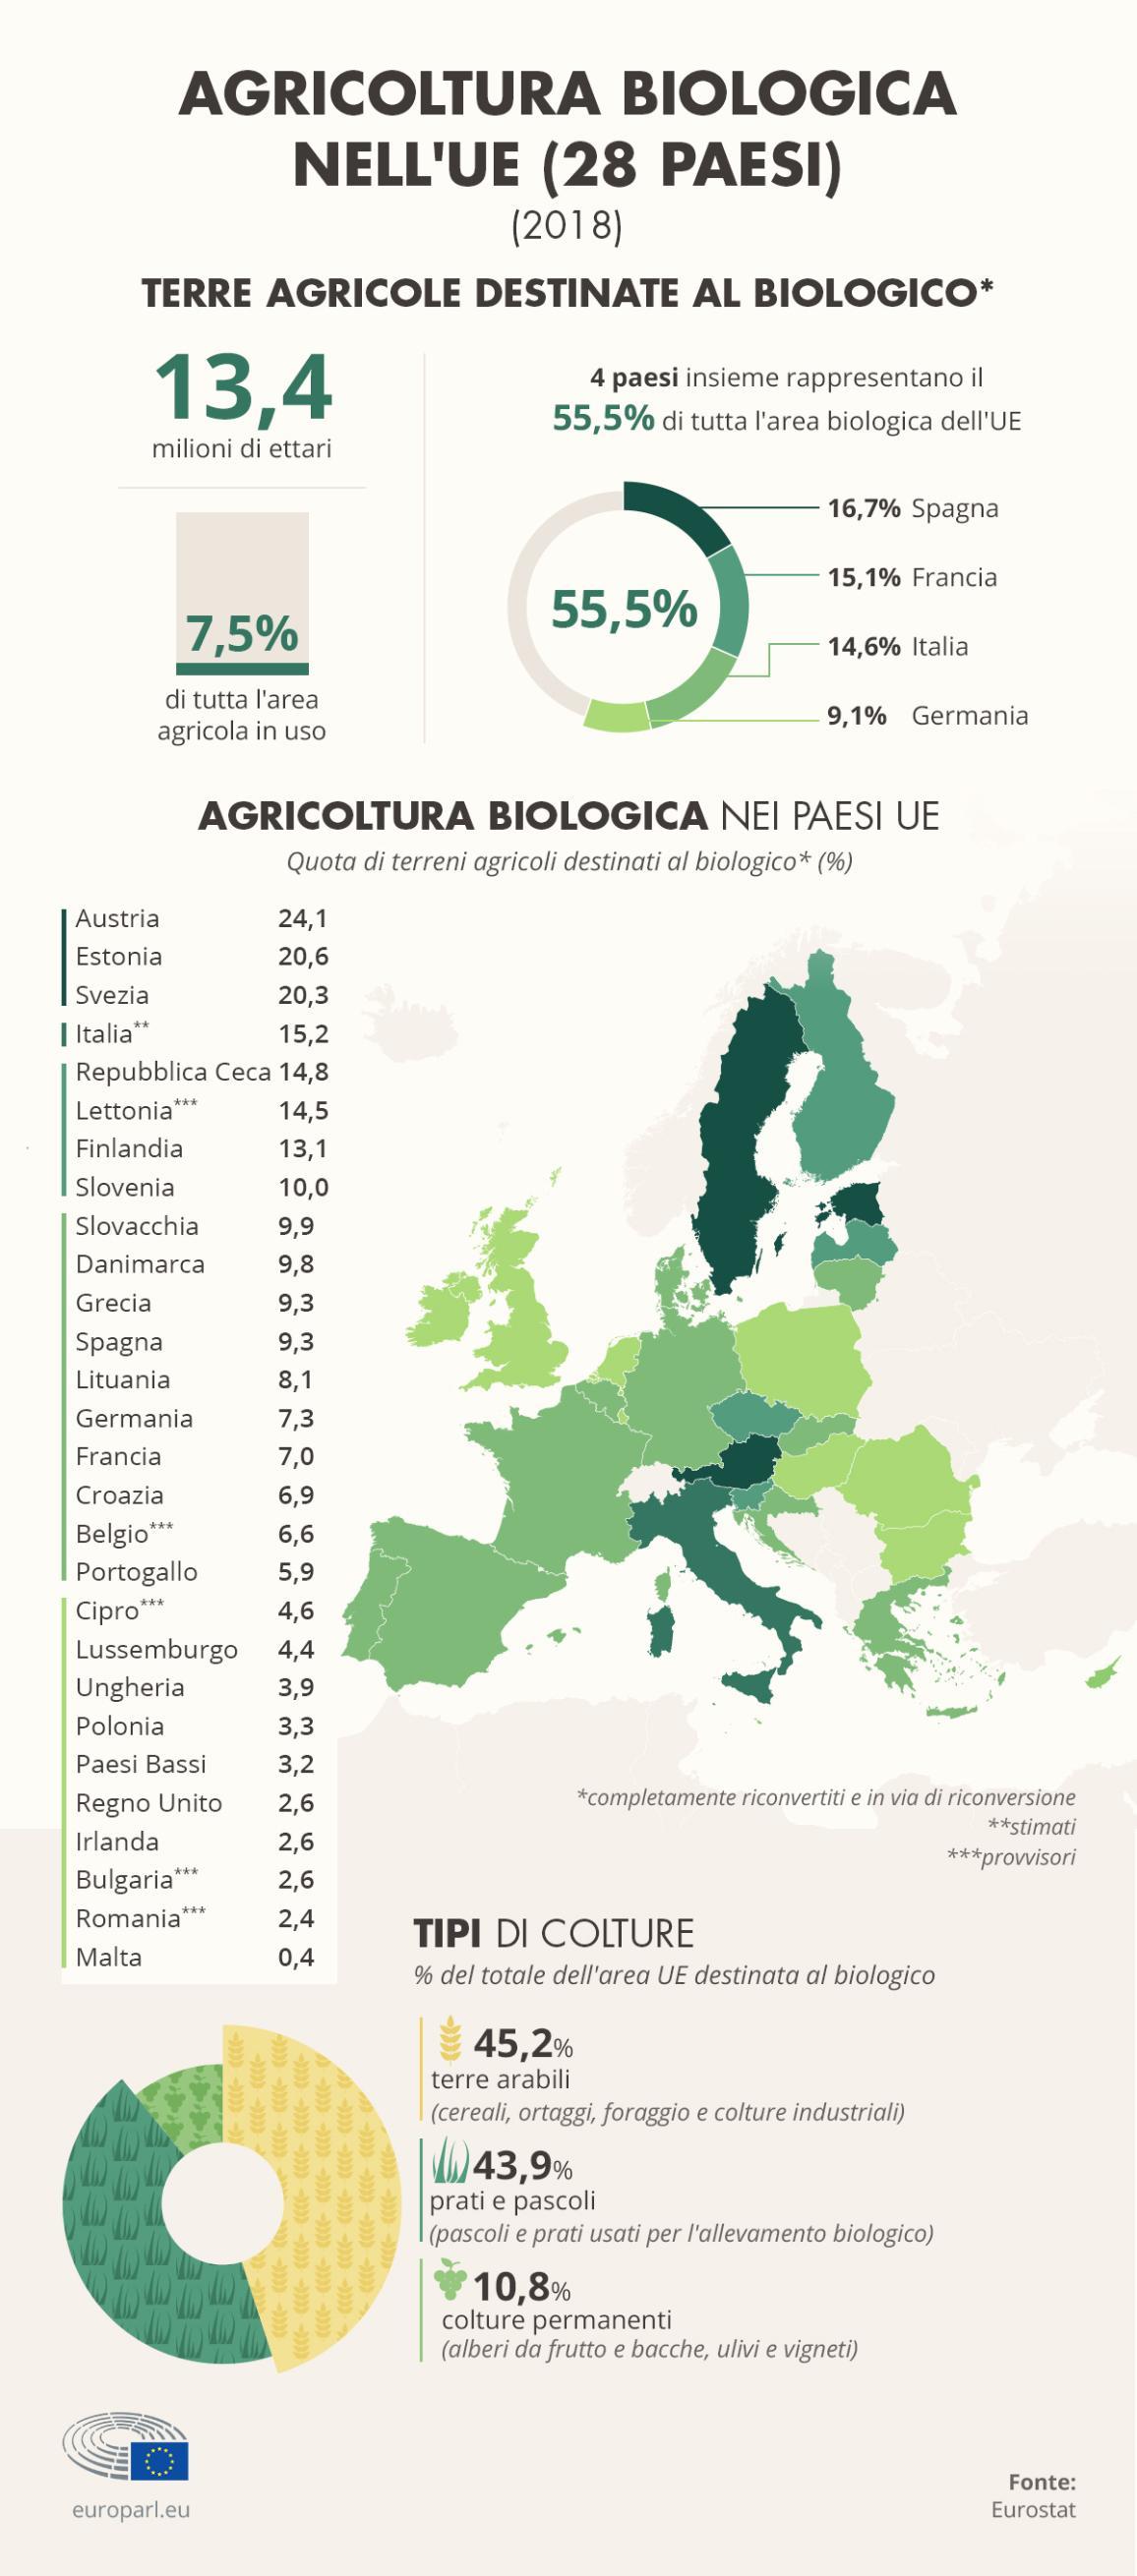 Infografica sulla quantità di terreni agricoli destinati al biologico. Sono il 7,5% di tutta l'area agricola in uso